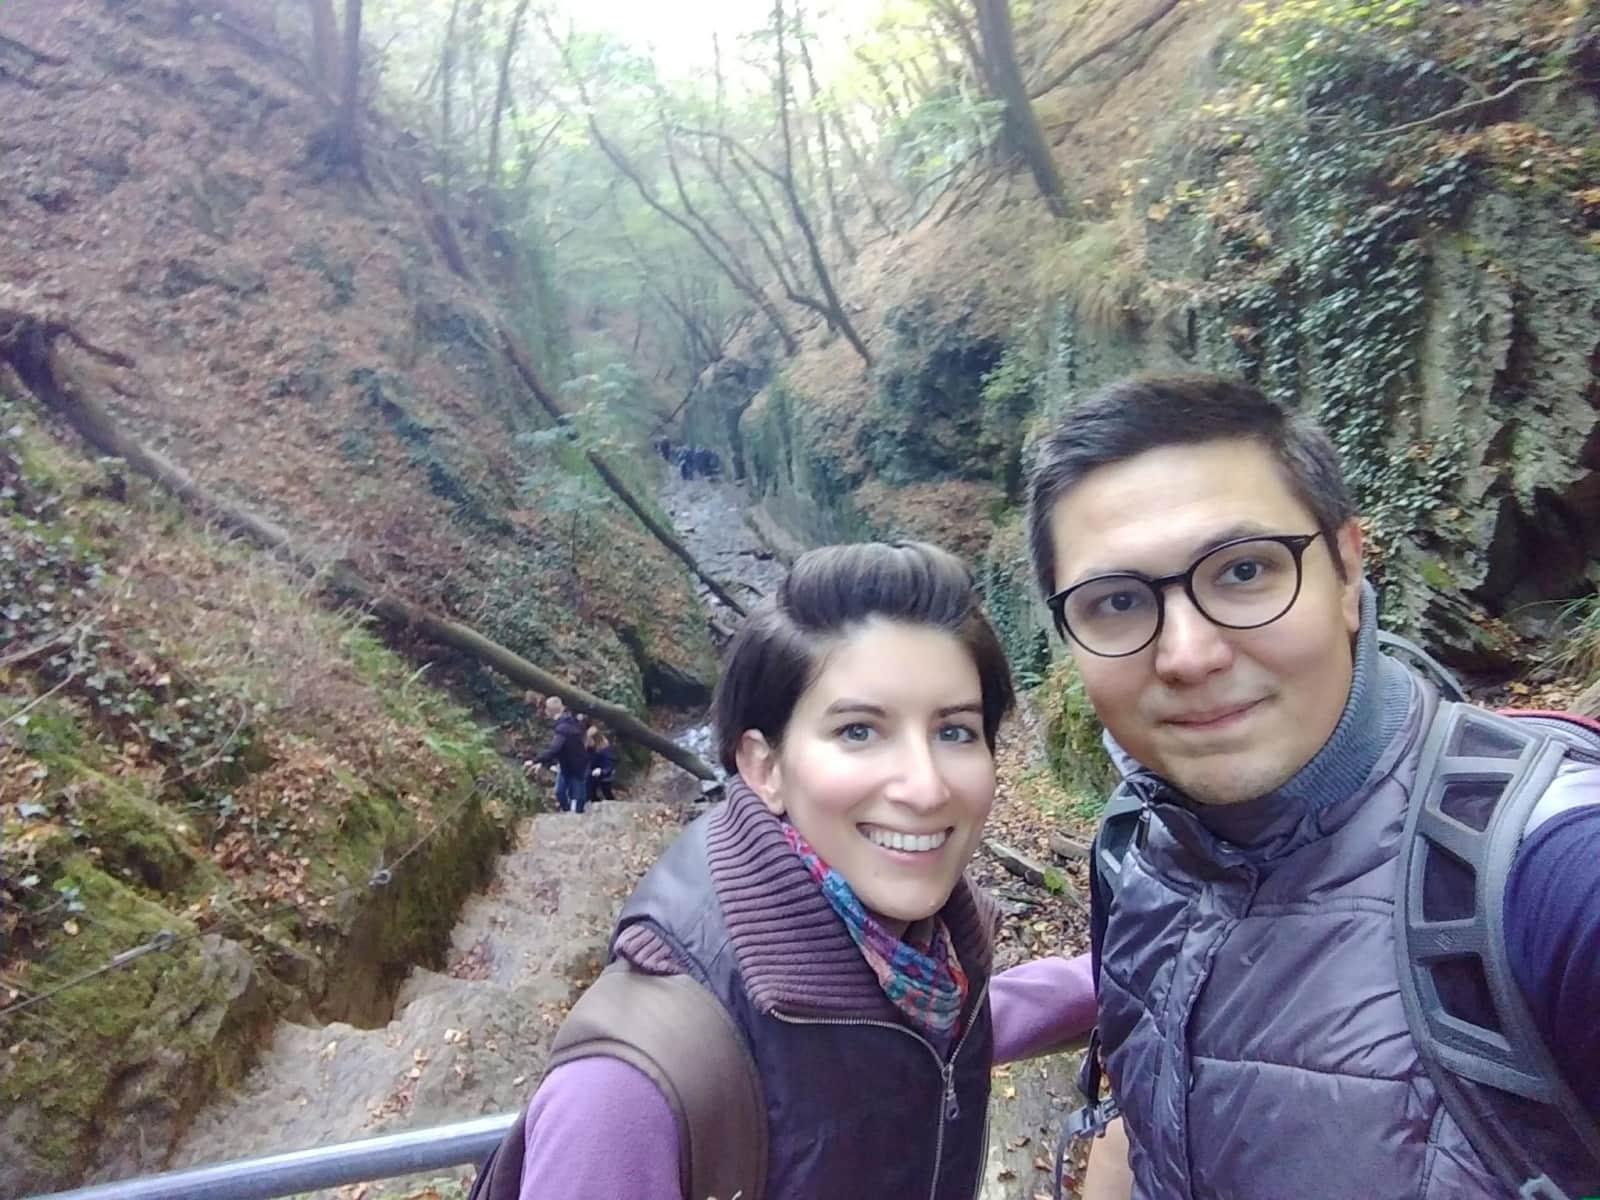 Mirona & Valentin from Wiesbaden, Germany